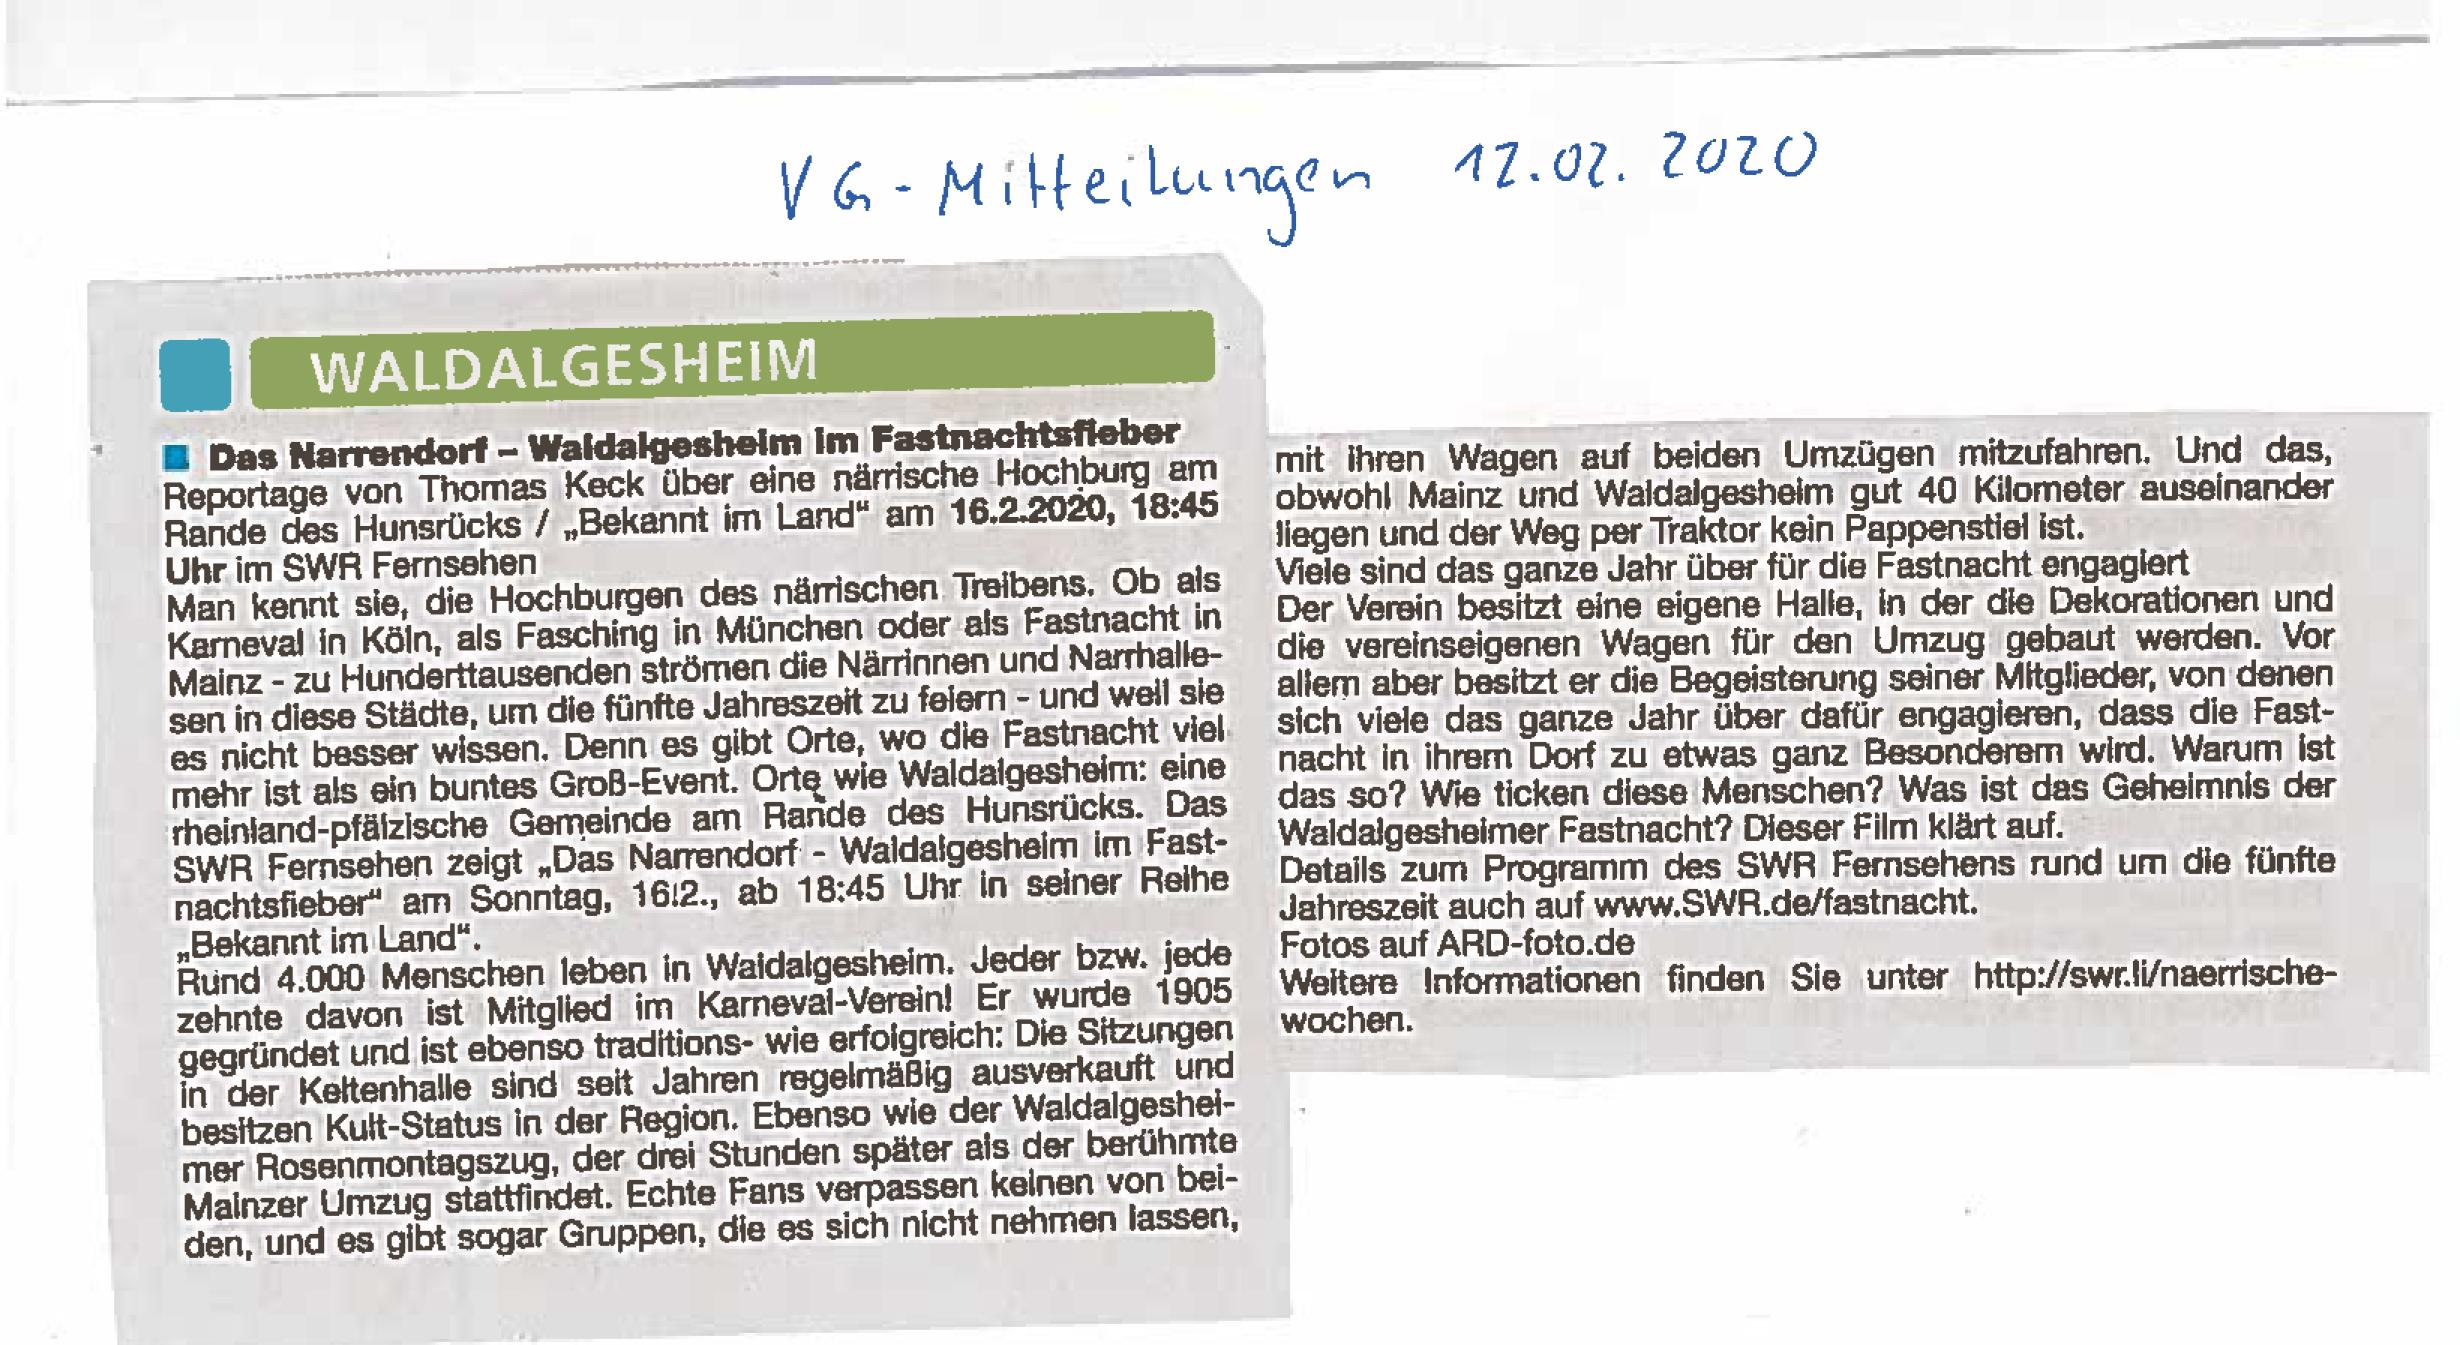 20200212_vg mitteilungen